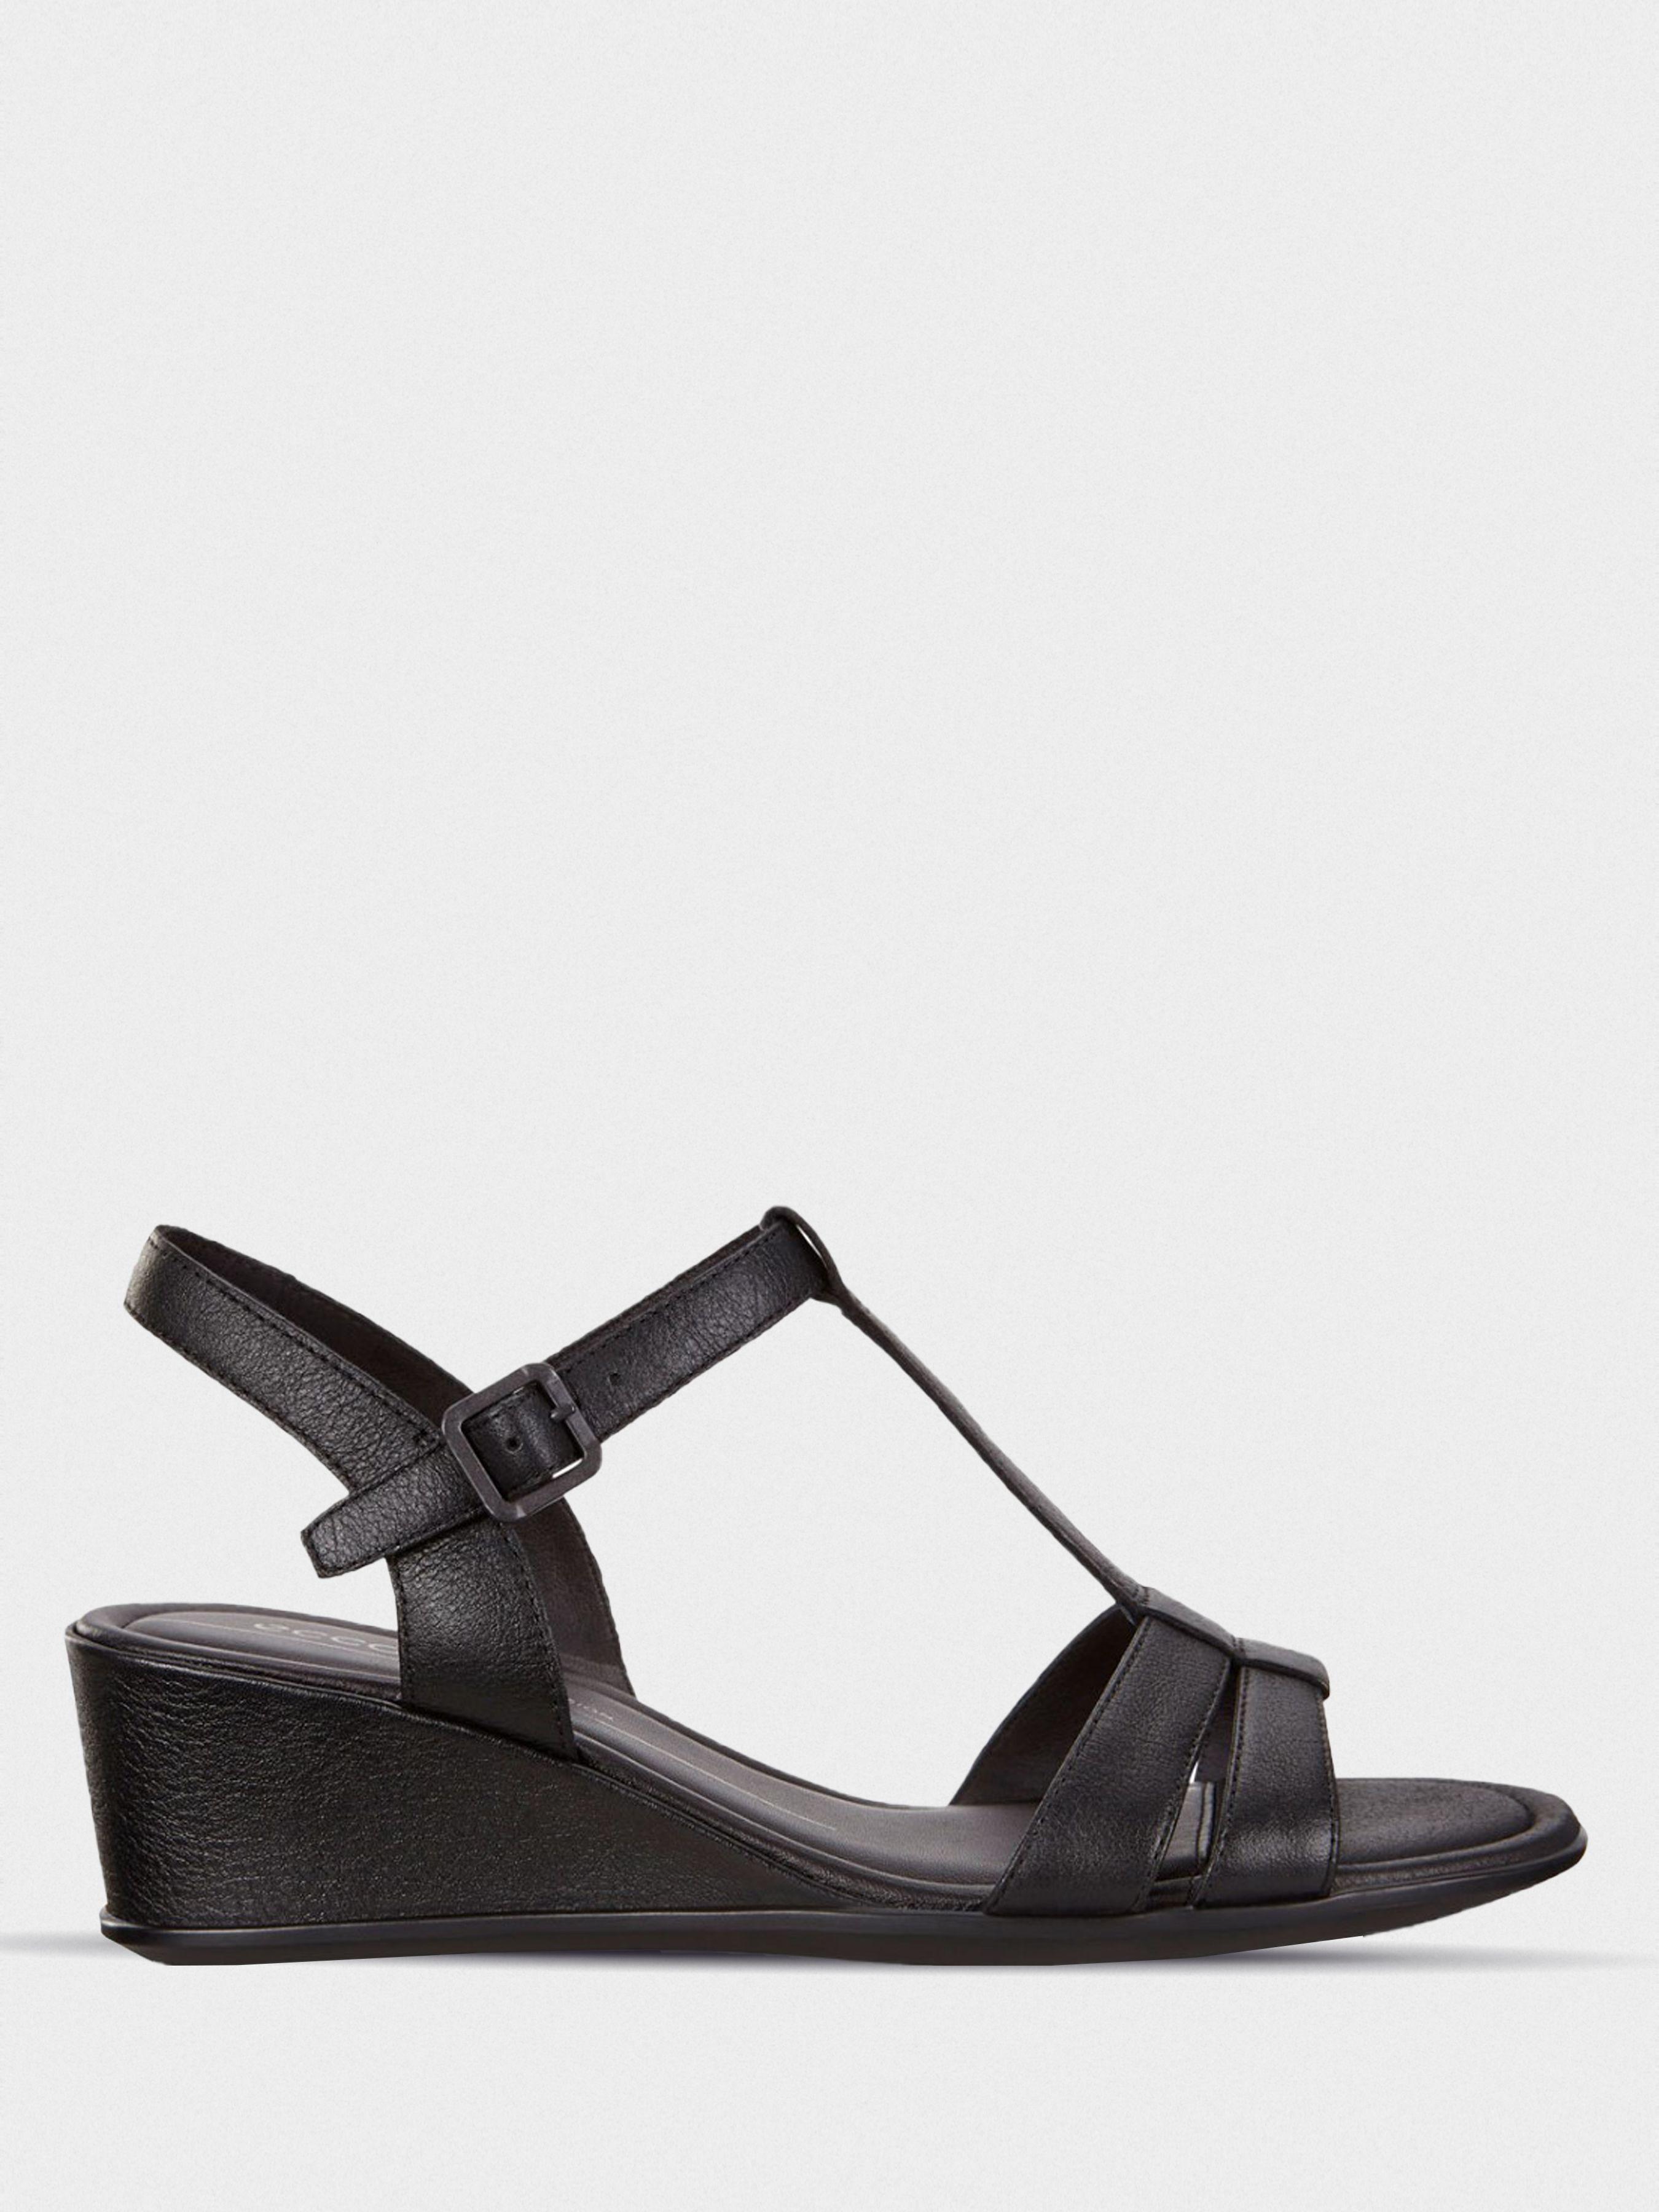 Босоножки для женщин ECCO SHAPE 35 WEDGE SANDAL ZW6156 брендовая обувь, 2017